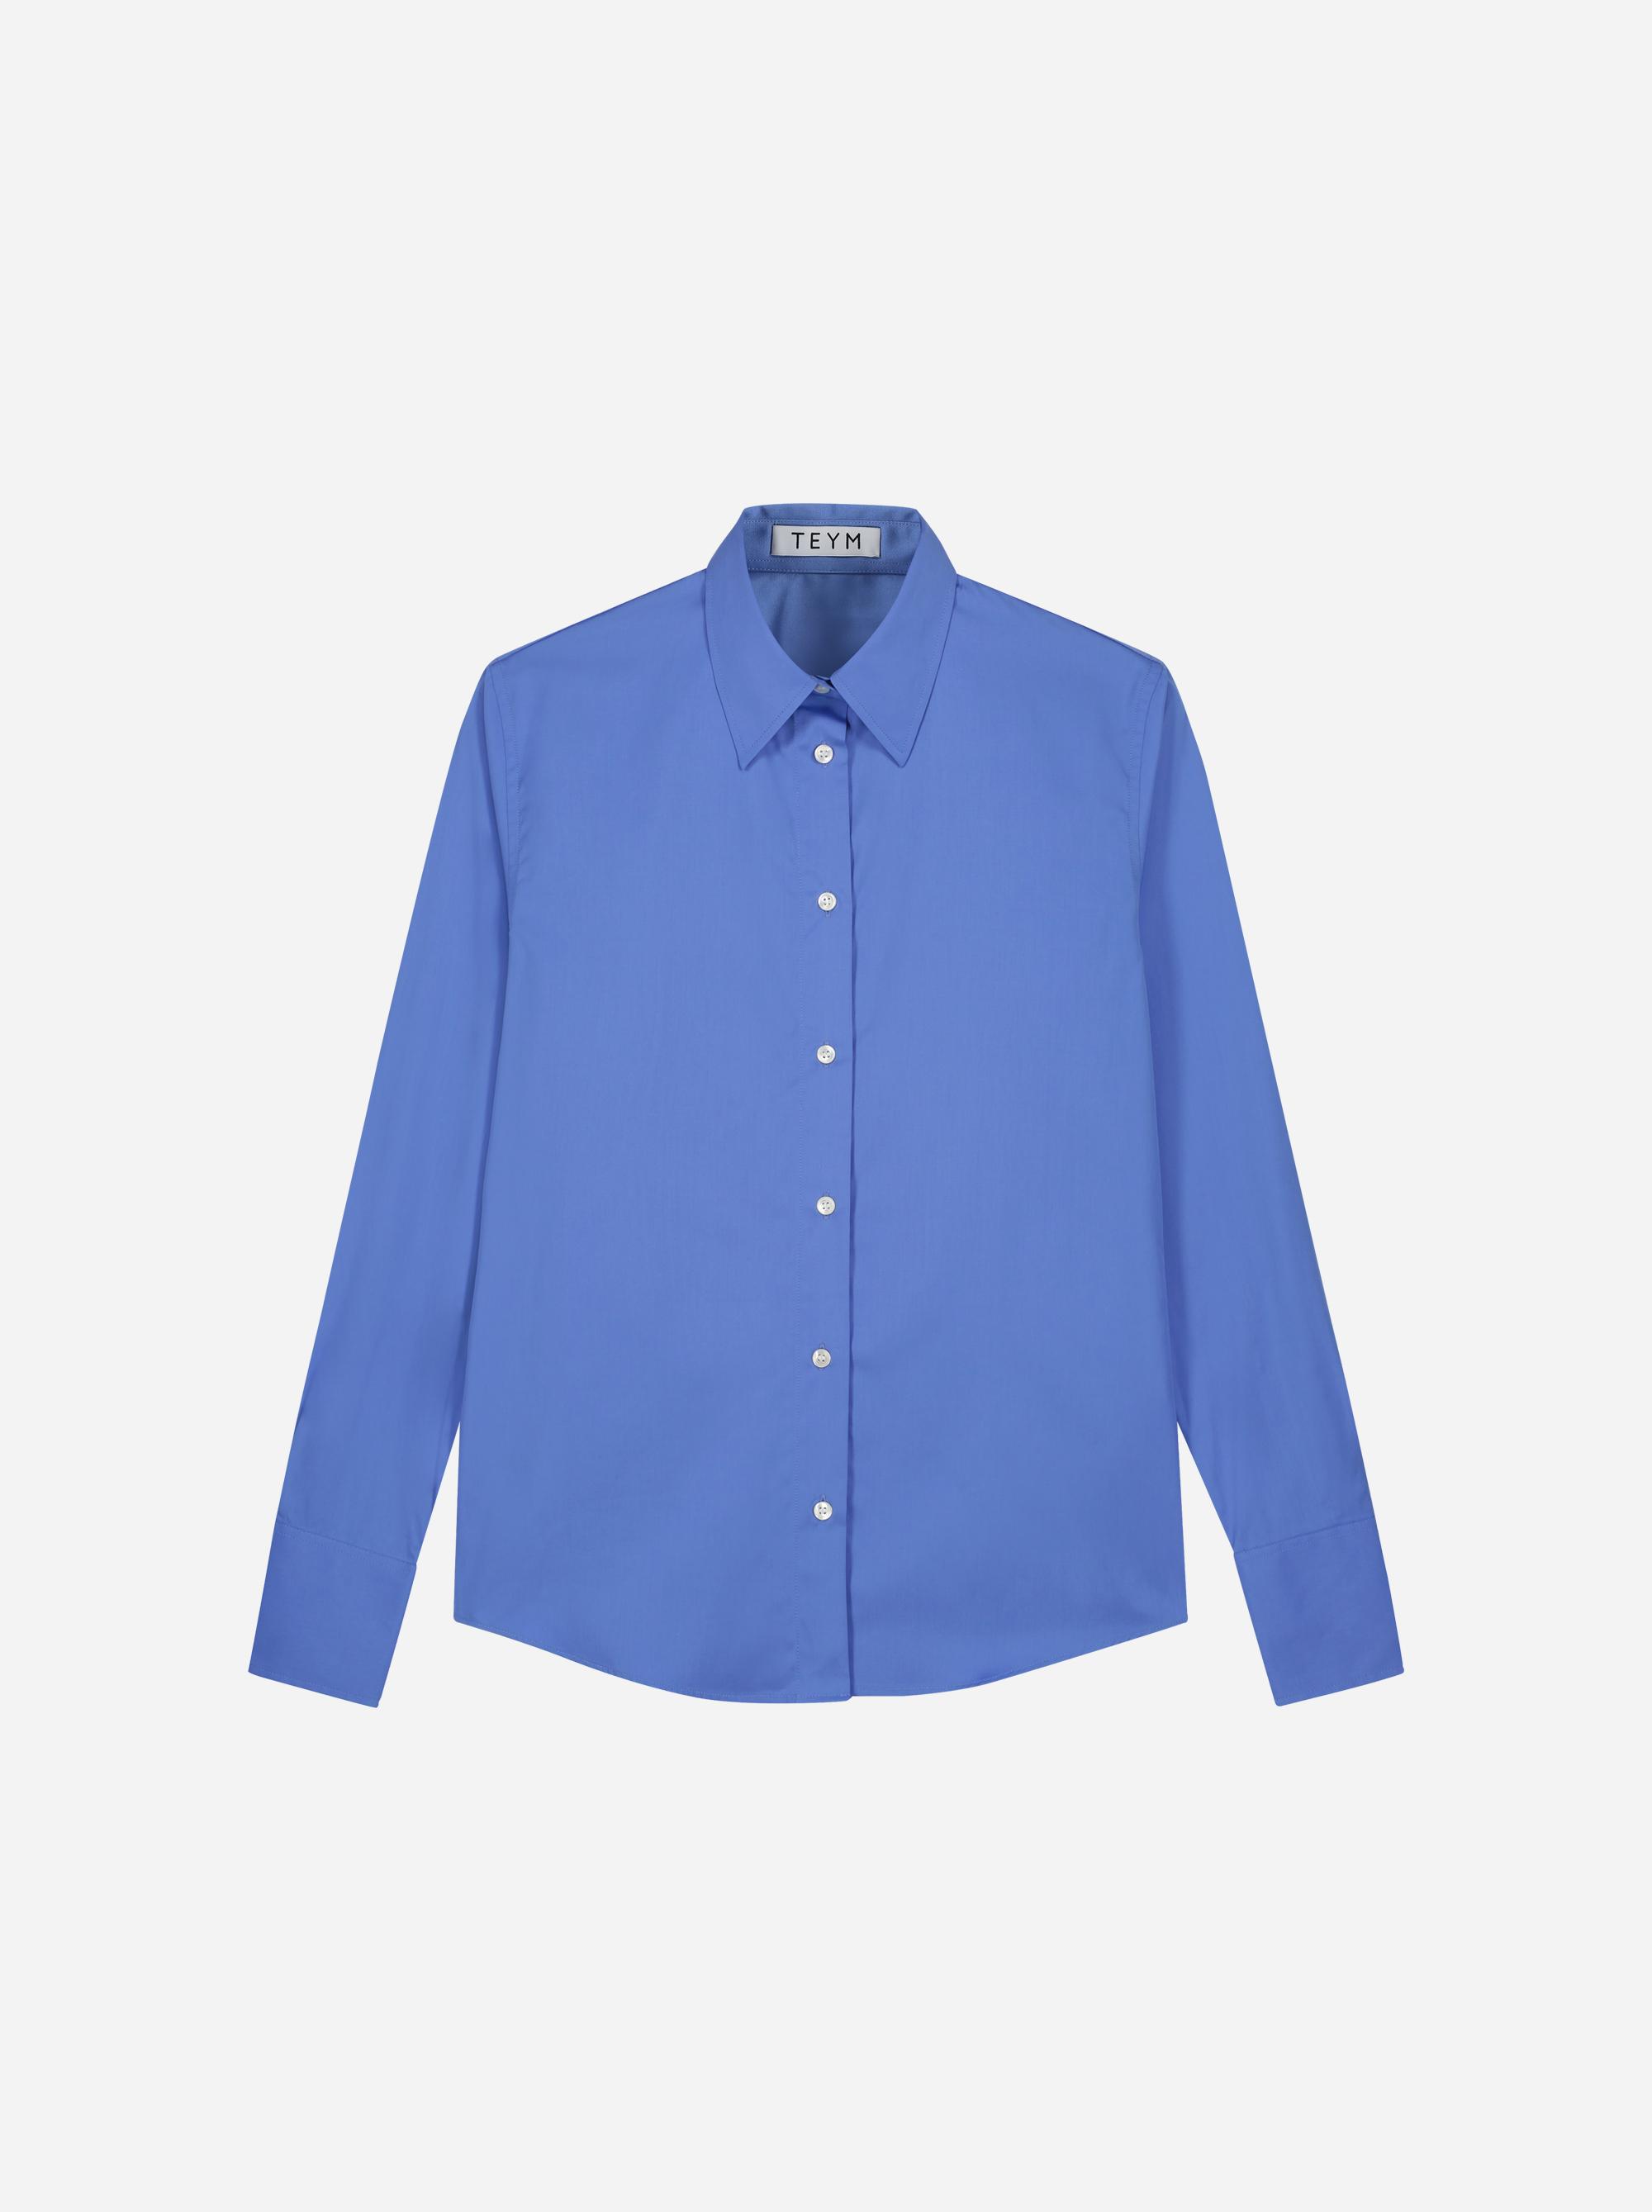 Teym_Shirt_Blue_Women_front_1B